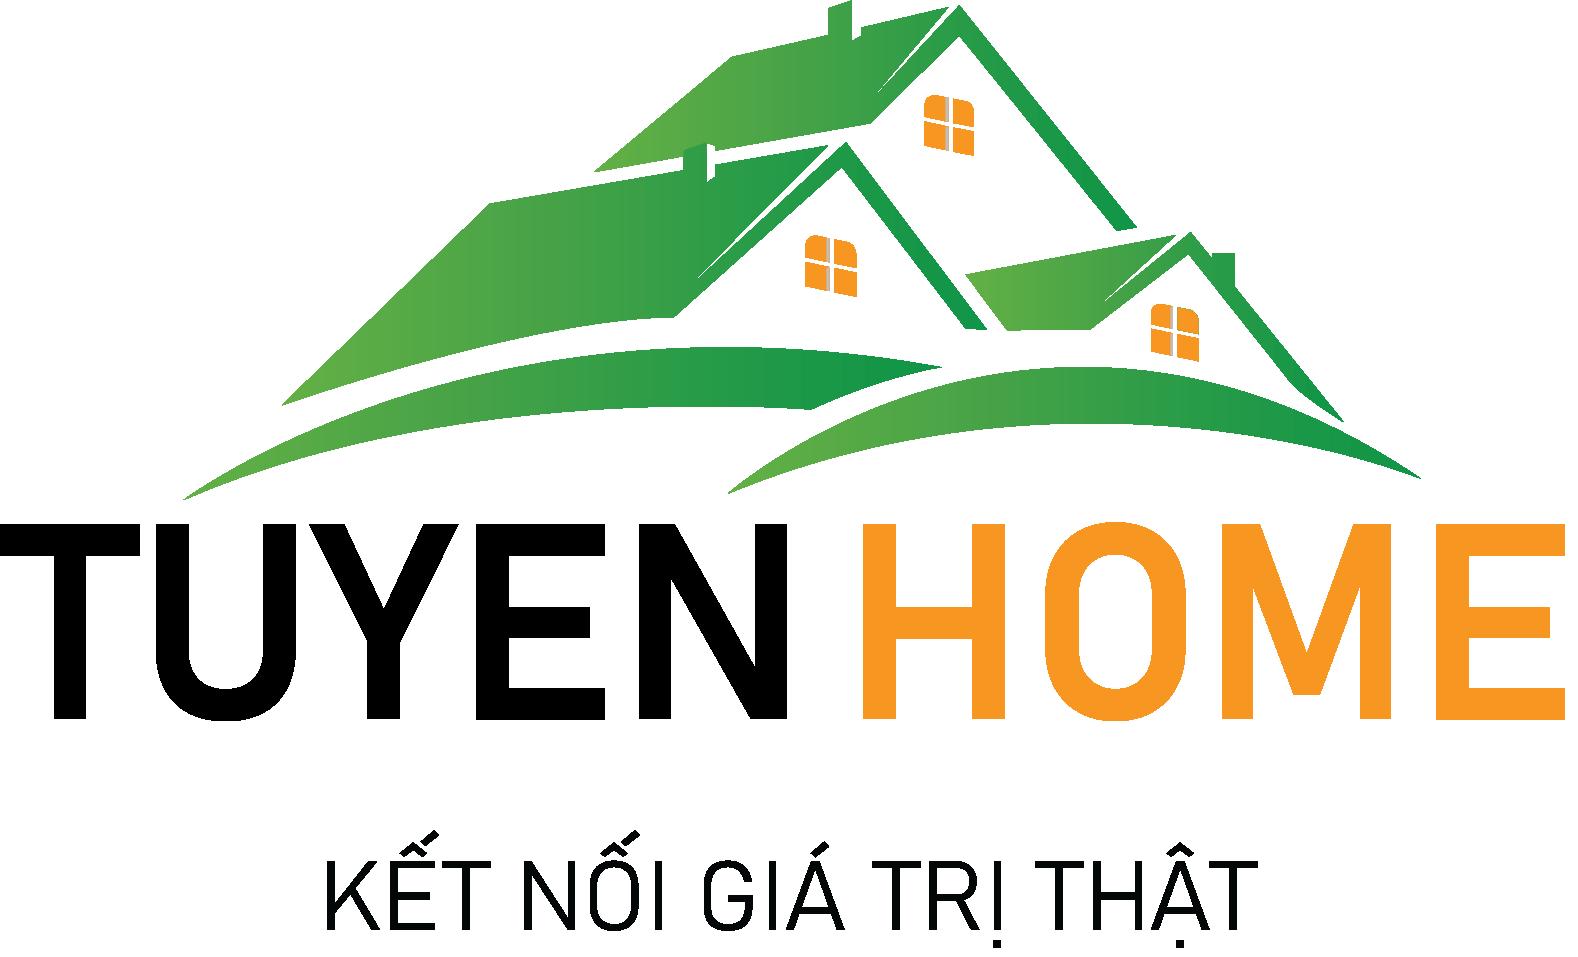 Tuyền Home